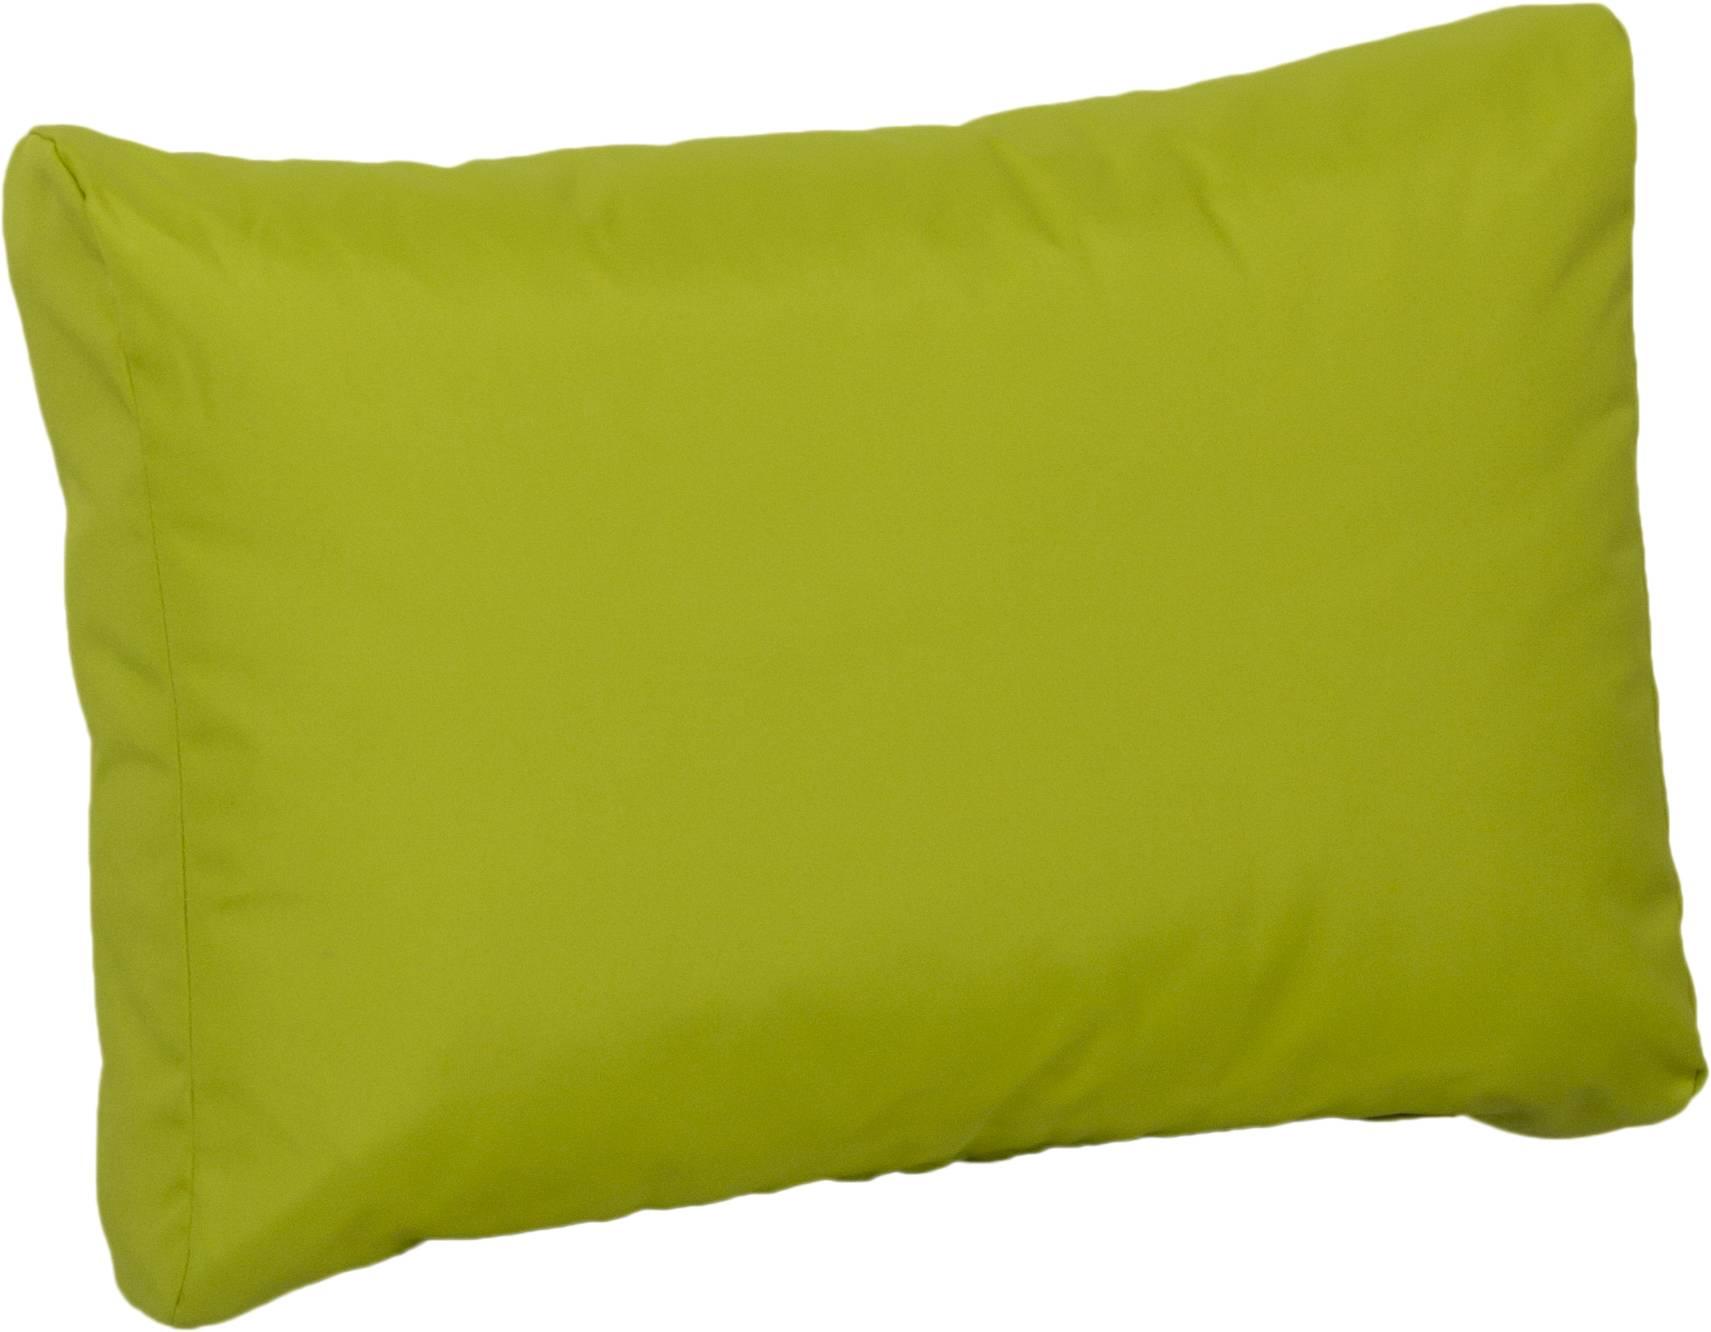 Lounge Premium Rückenkissen  ca. 60 x 40 cm hellgrün wasserabweisend aus 100% Polyester